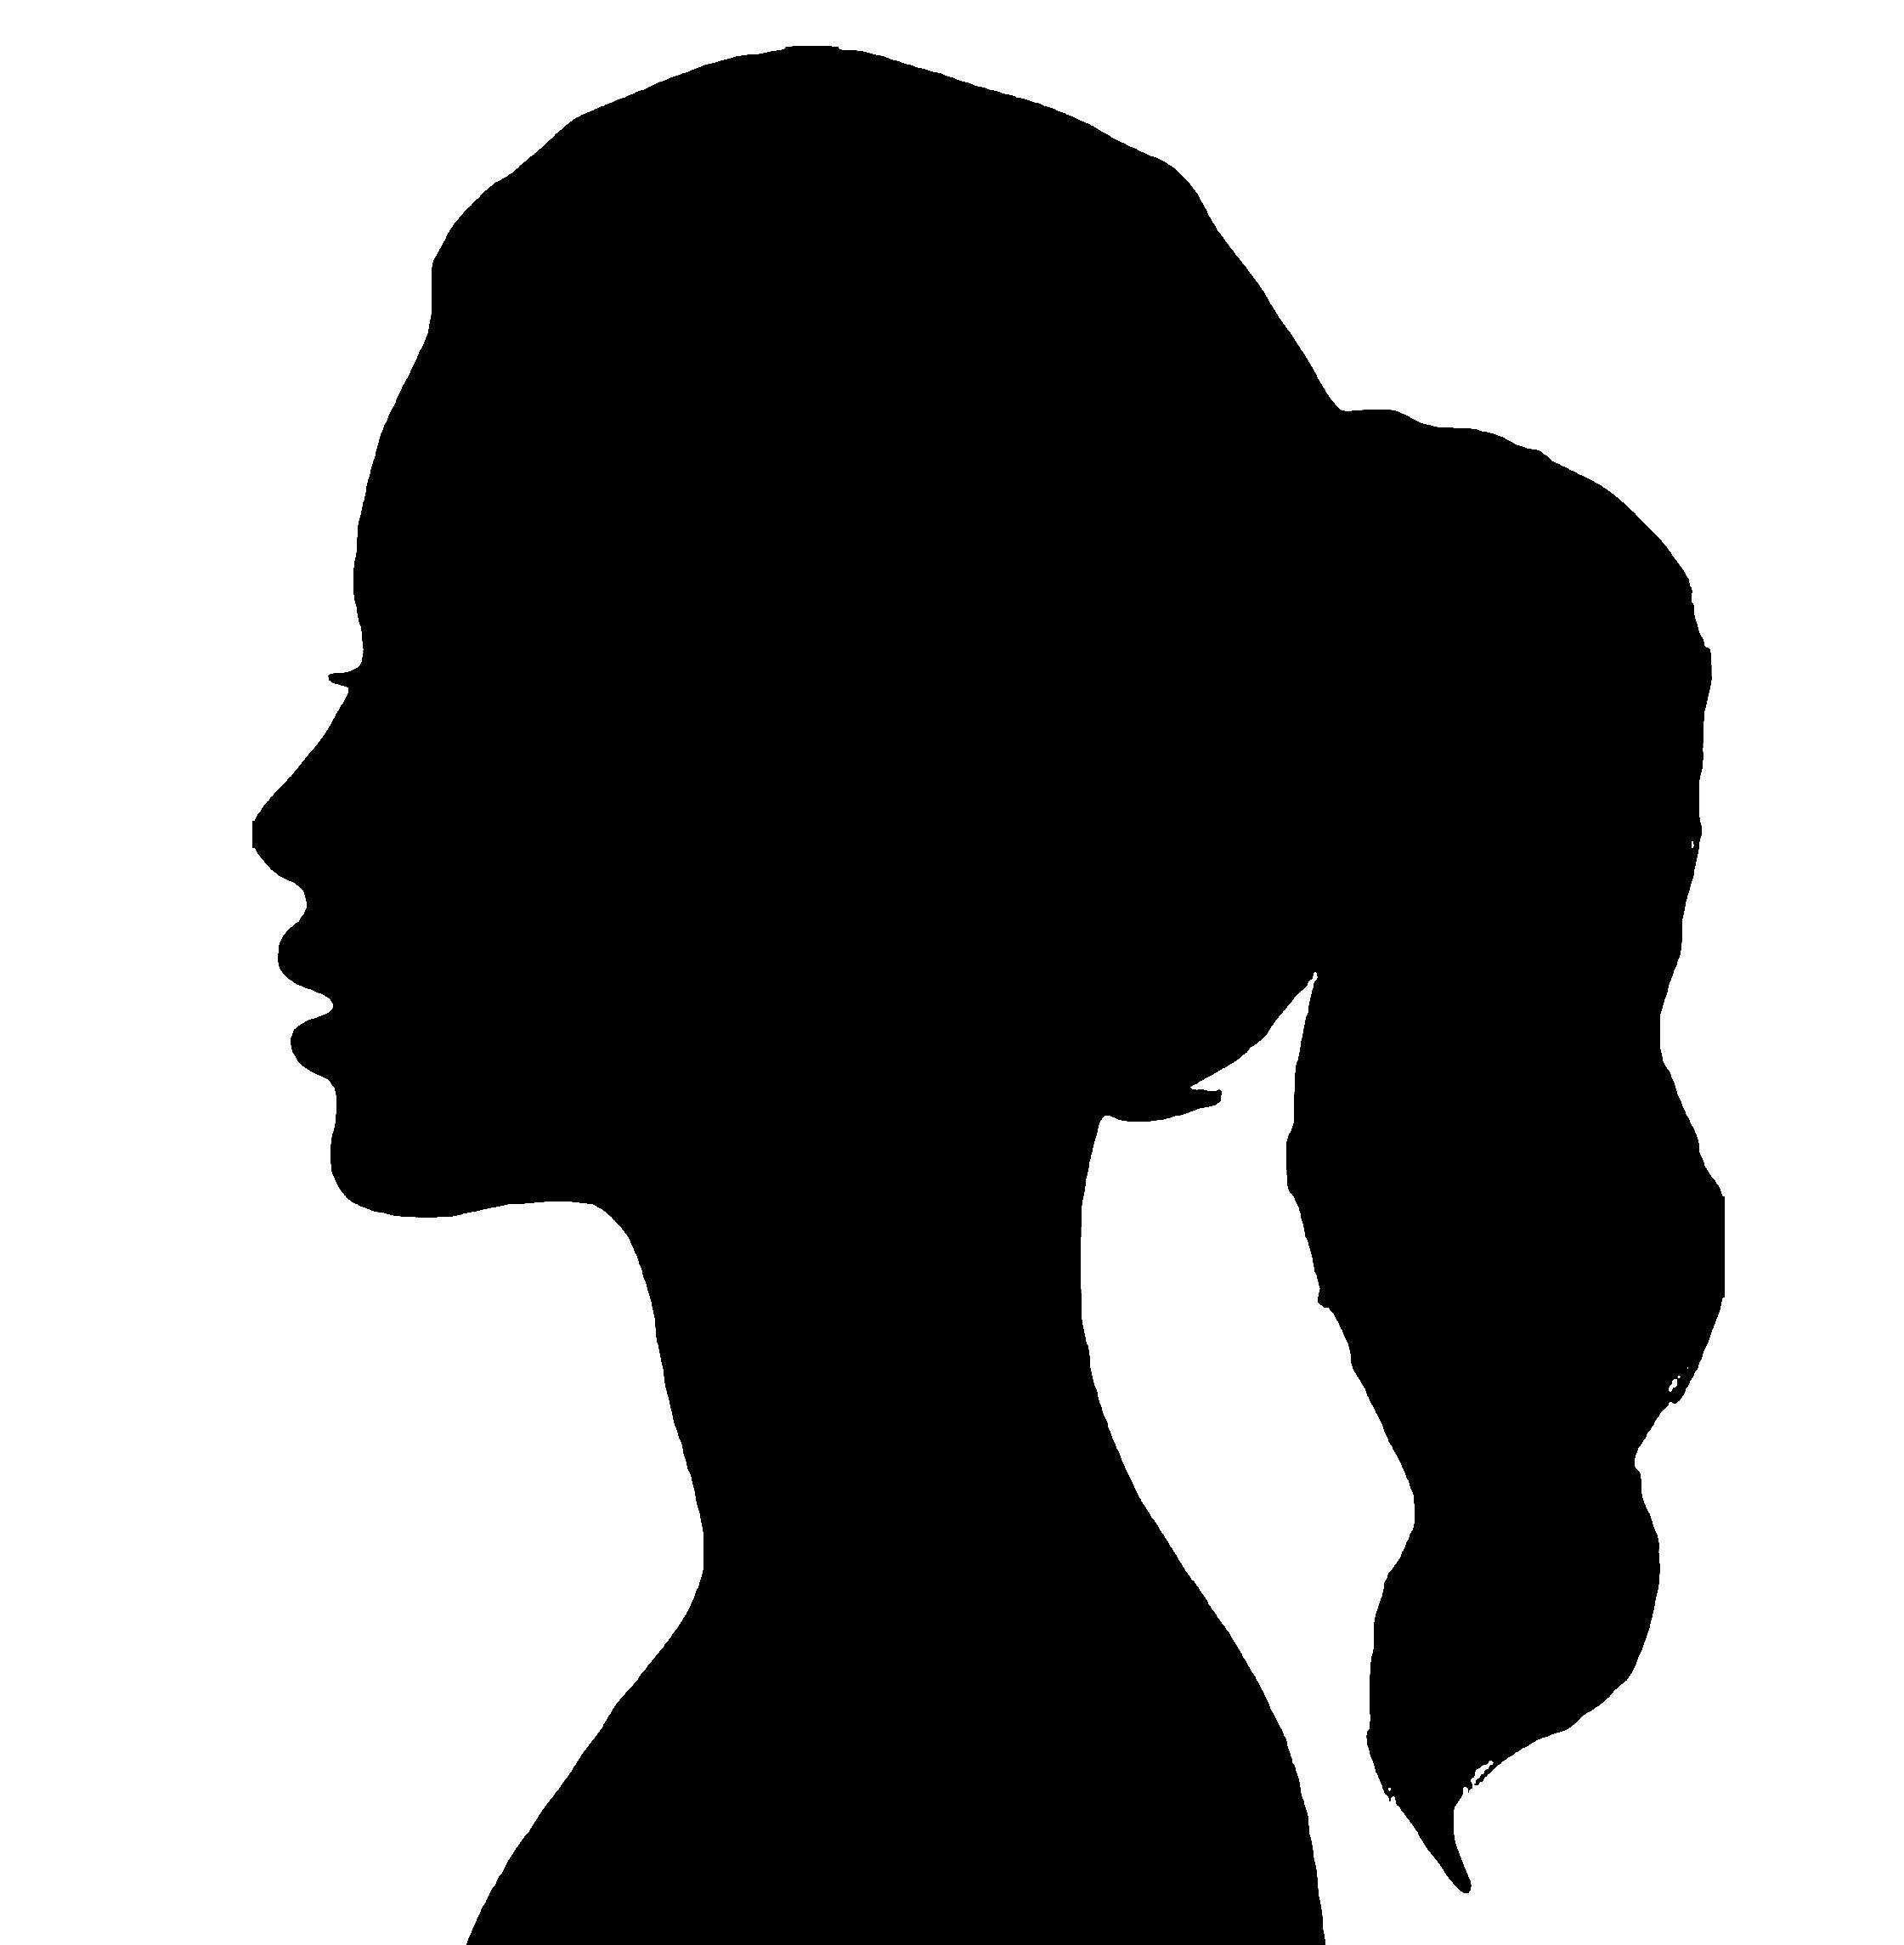 силуэт женщины